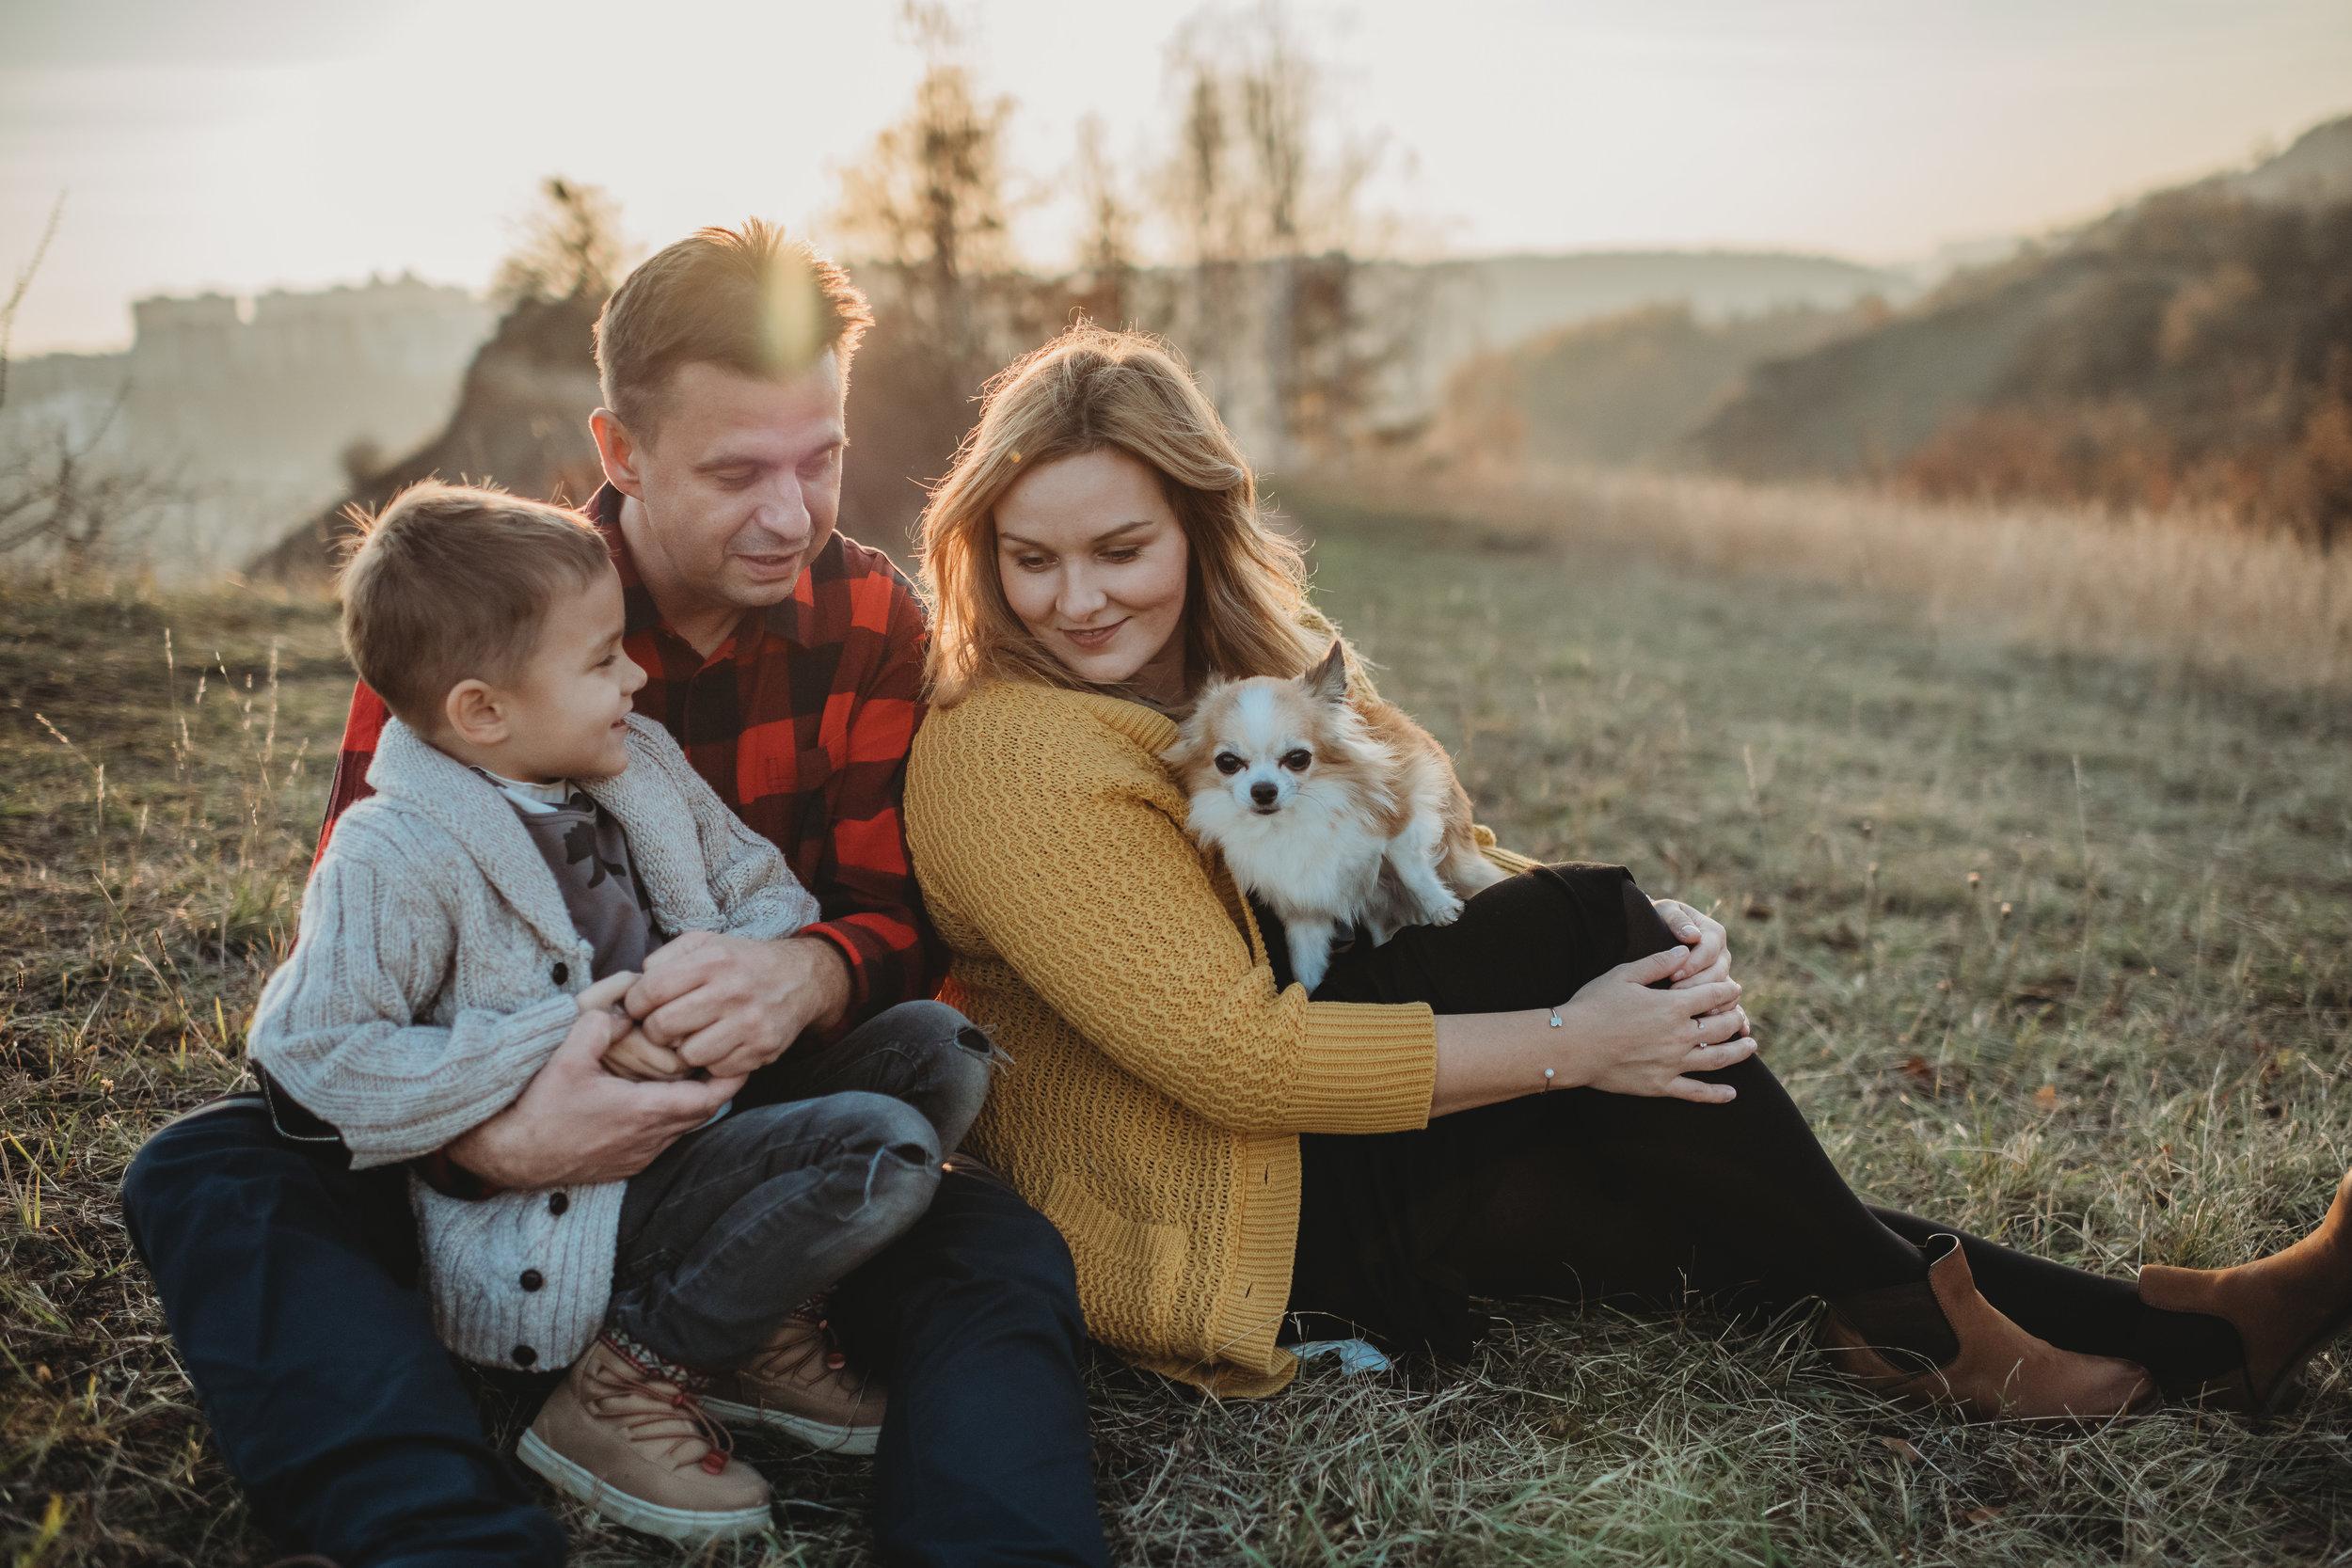 Rodinný fotograf Praha/Prokopksé údolí  Podzimní rodinné focení